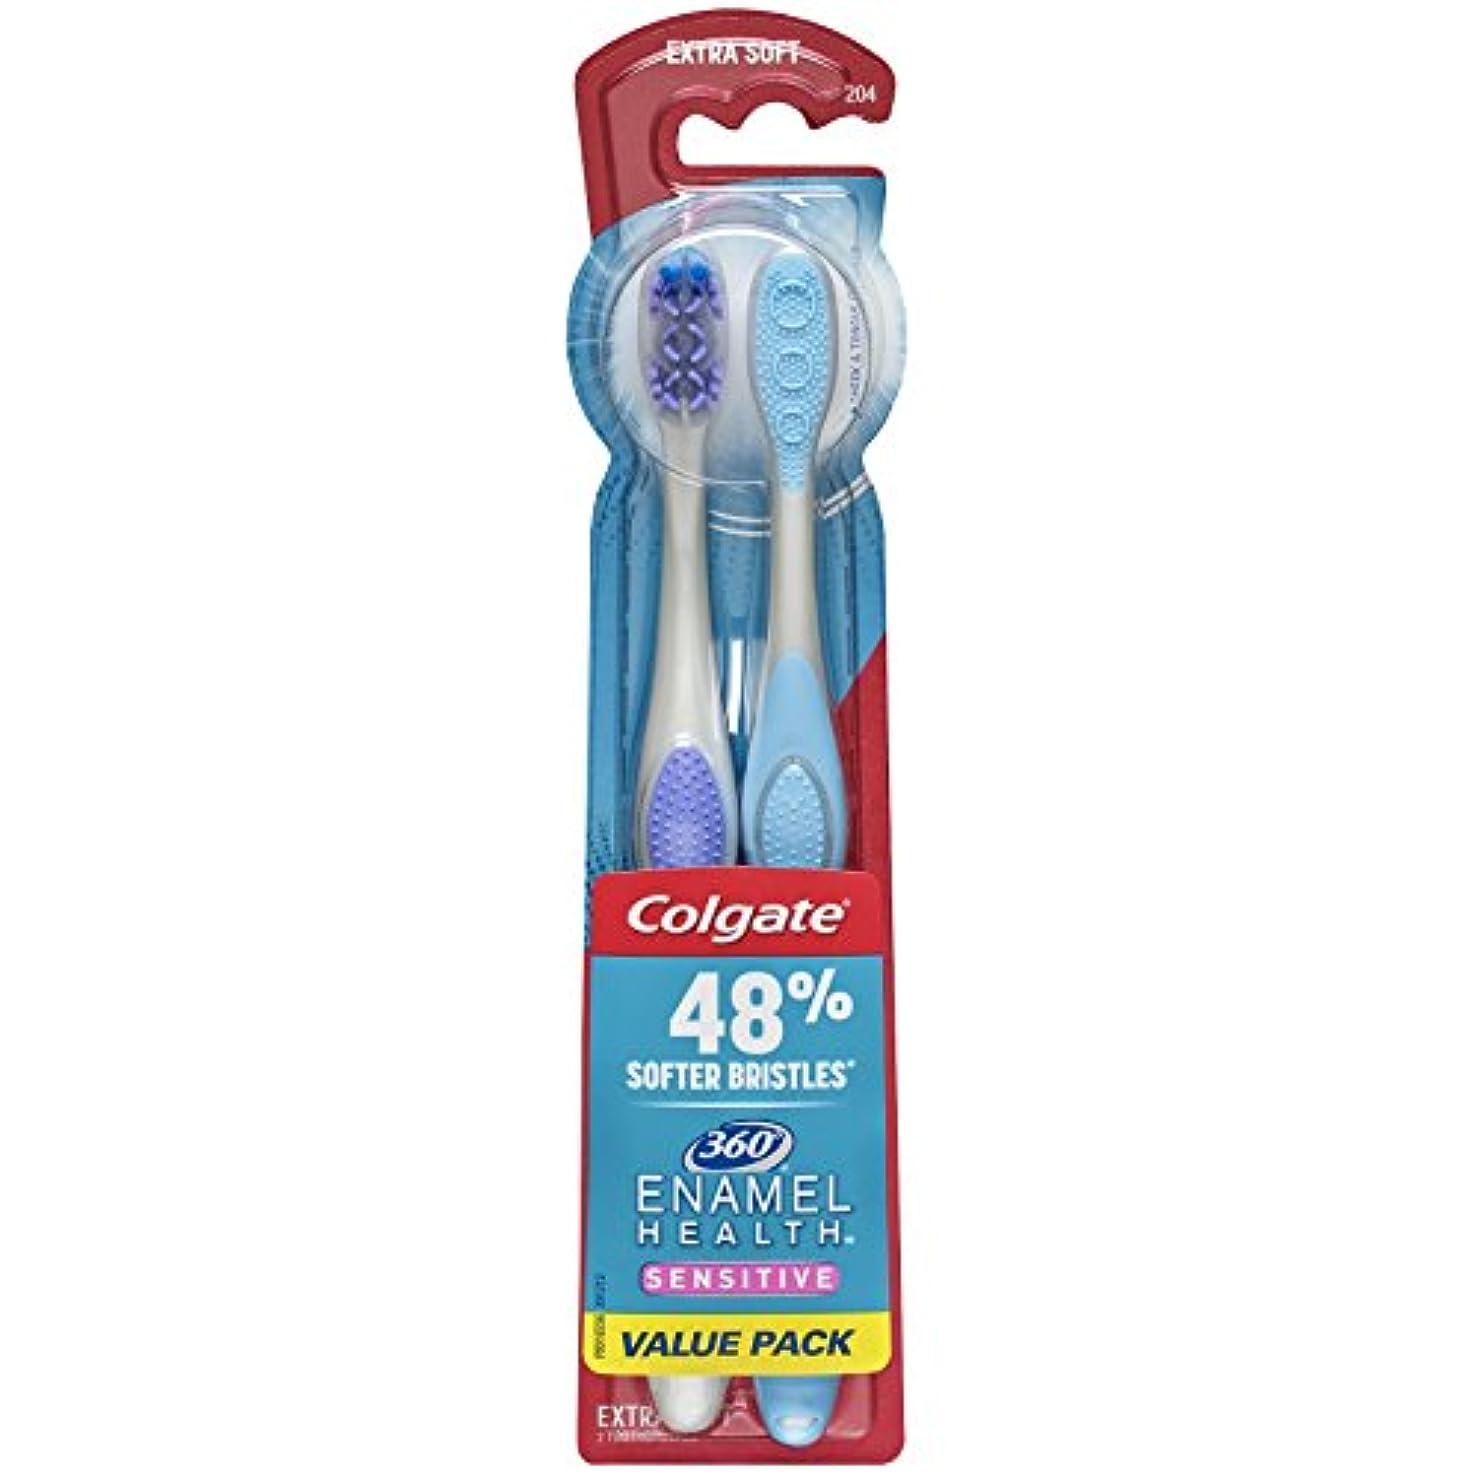 コマース香港同種のColgate エナメル健康に敏感な歯ブラシ、エクストラソフト、2カラット